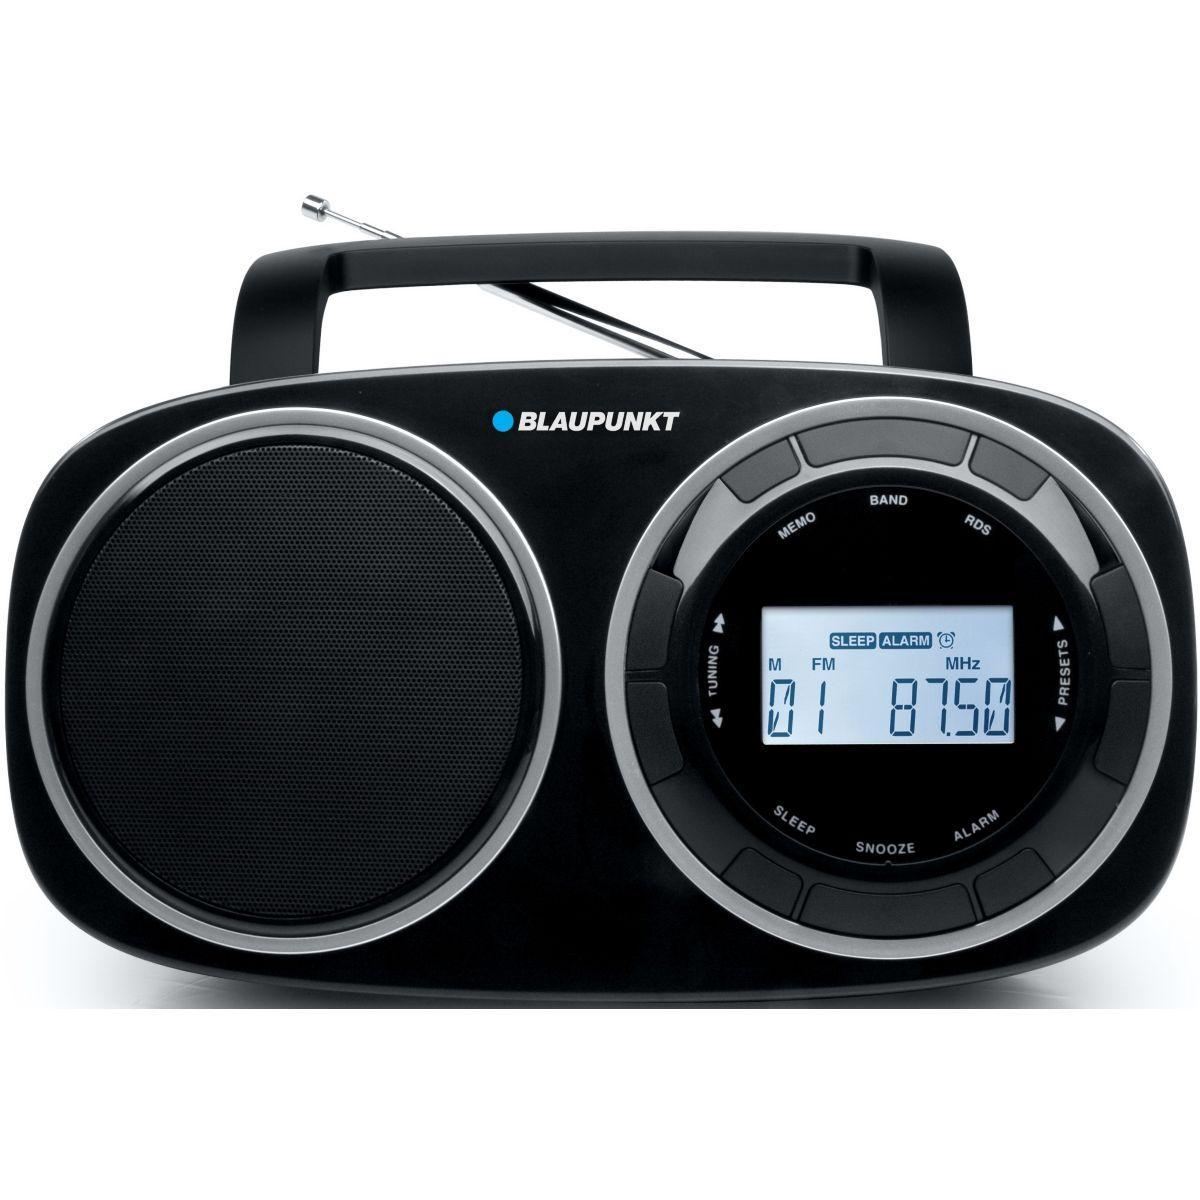 Radio analogique blaupunkt bsd-9000 - 20% de remise imm�diate avec le code : fete20 (photo)